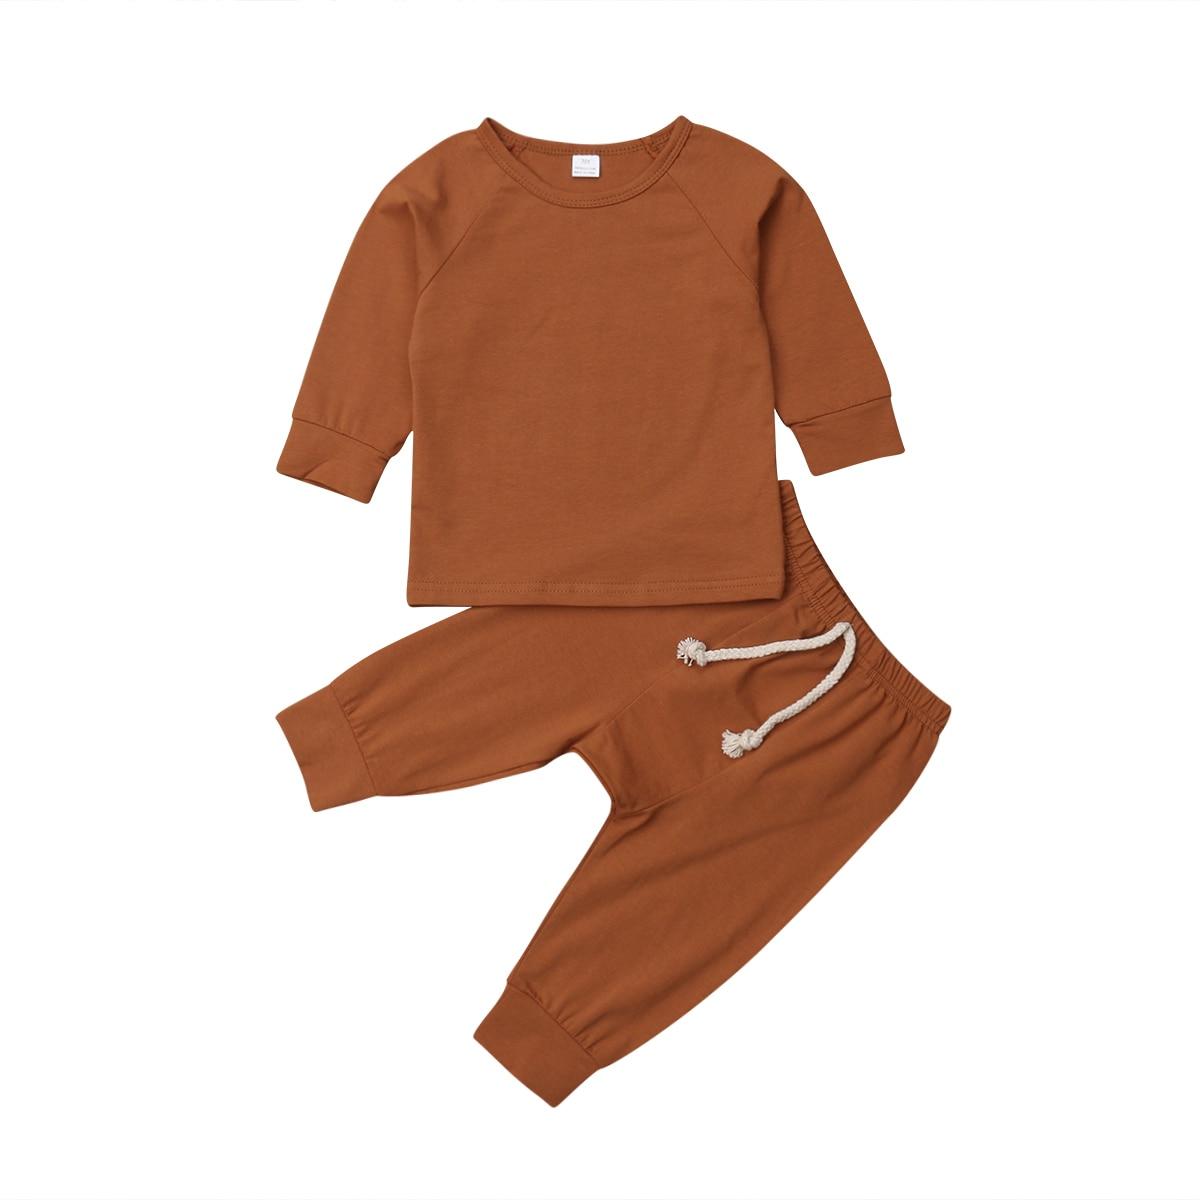 Хлопковый пижамный комплект с длинными рукавами для новорожденных мальчиков и девочек от 0 до 24 месяцев, одежда для сна, одежда для сна, топы и штаны, комплекты одежды для малышей из 2 предметов - Цвет: Цвет: желтый